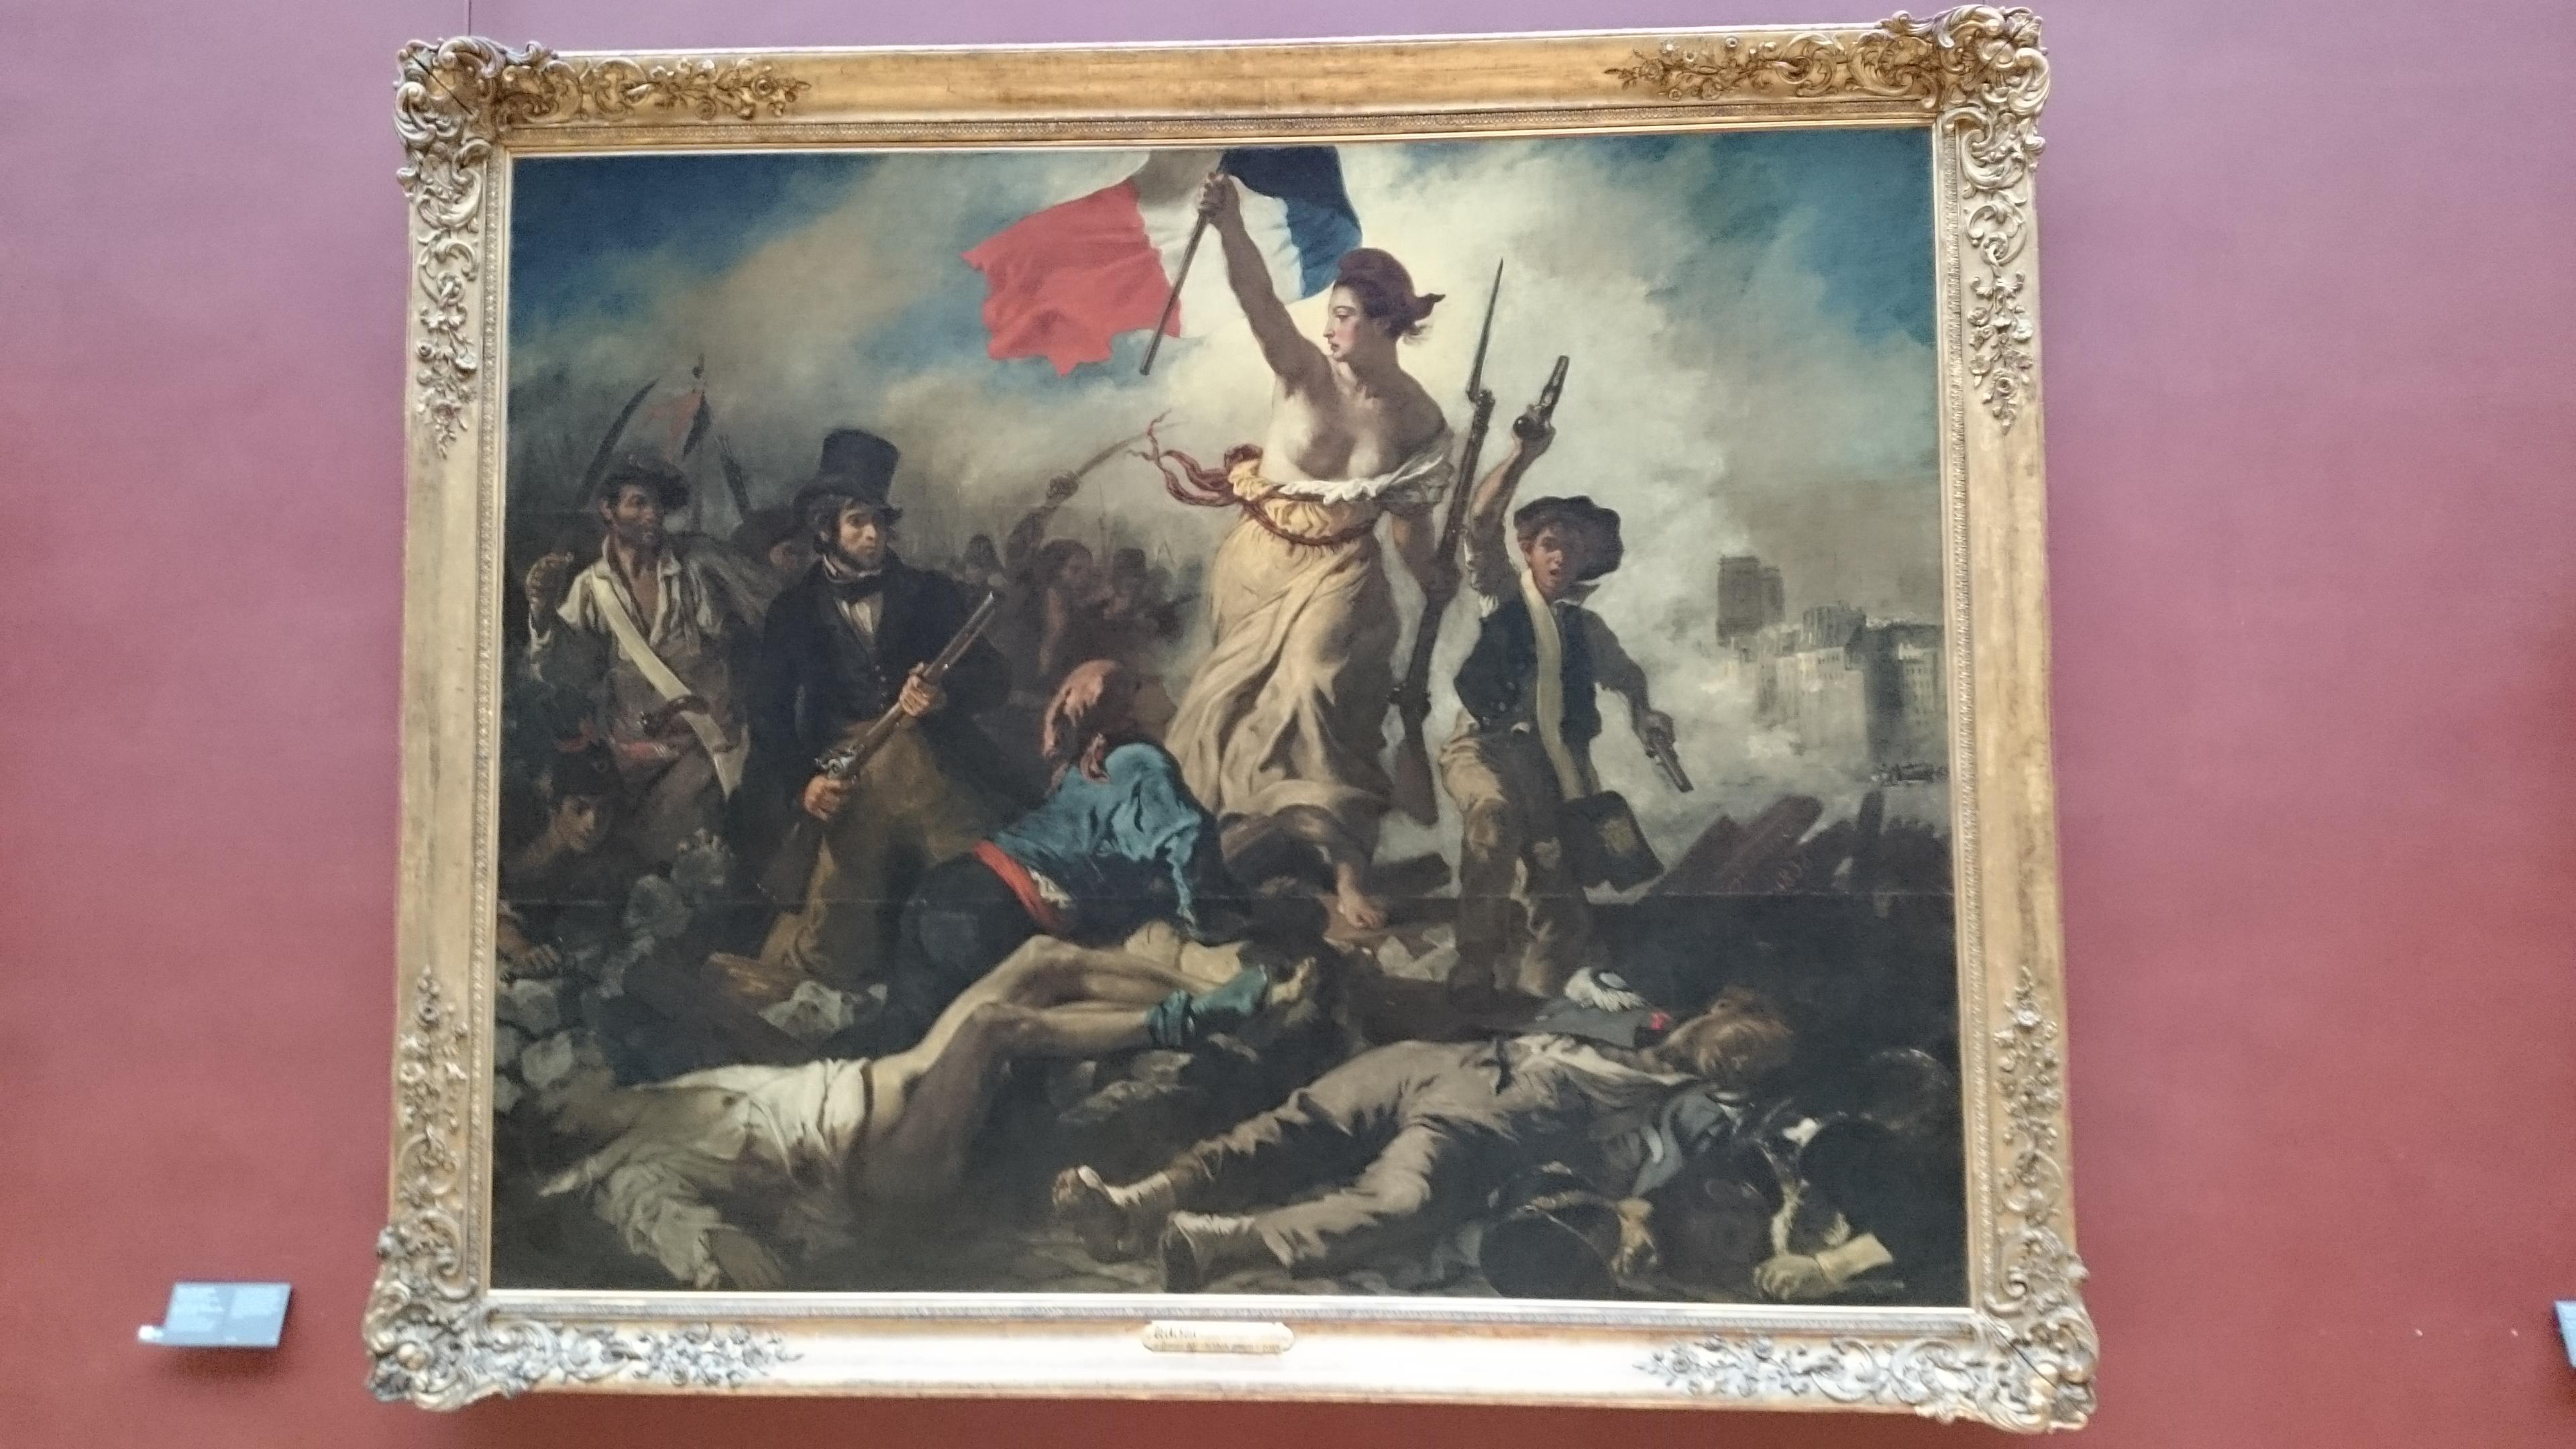 dsc 1490 - Consejos para visitar el Museo Louvre (y otros museos)